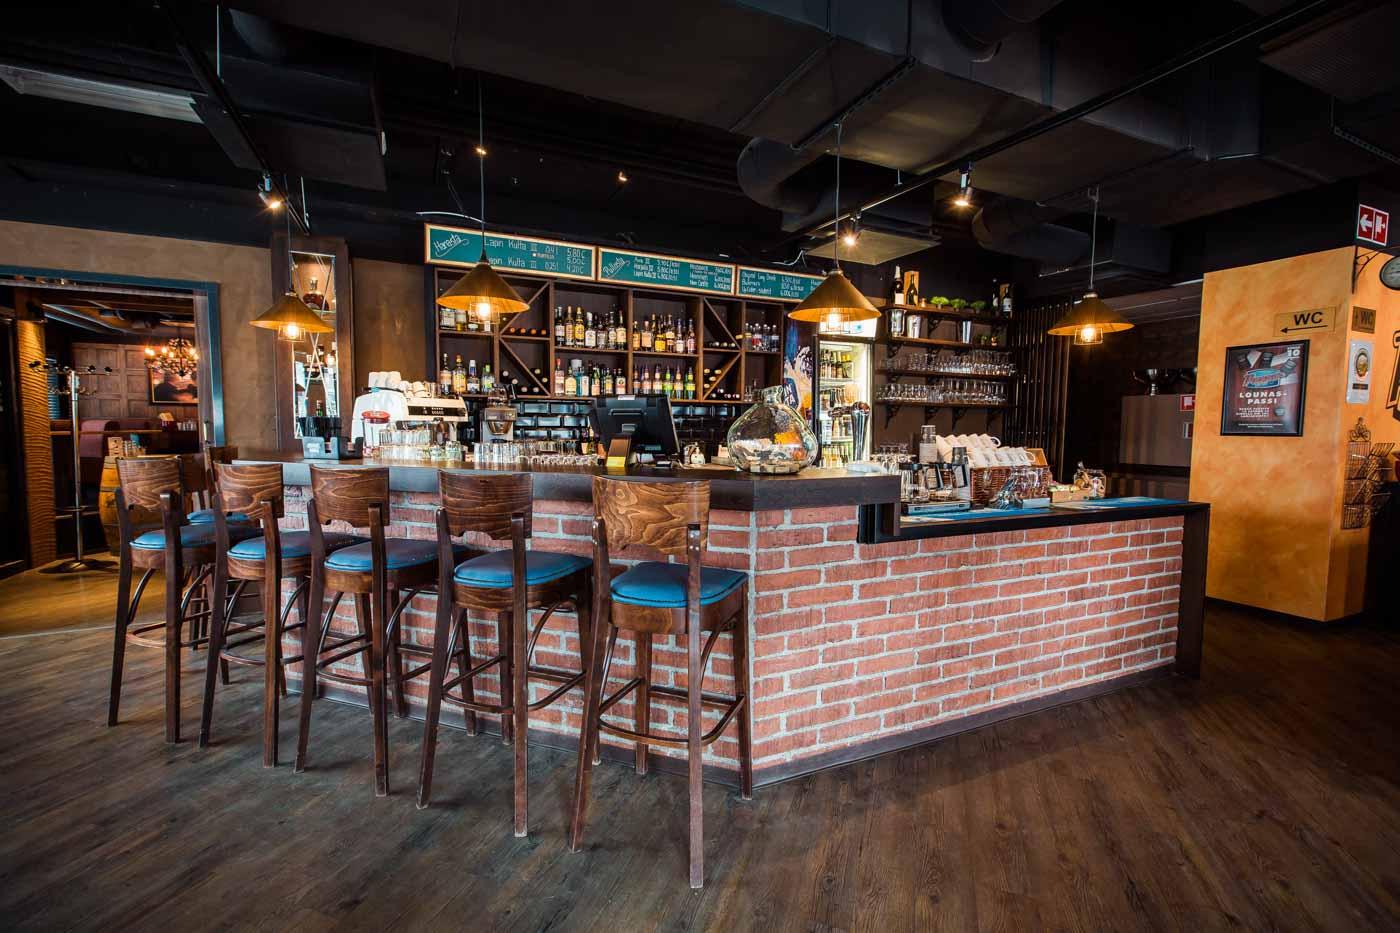 Pepper Bar & Restaurant -ravintolan punatiilinen baaritiski, jonka edessä korkeita puisia baarituoleja. Taustalla baaritarvikkeistoa ja pulloja hyllyllä.